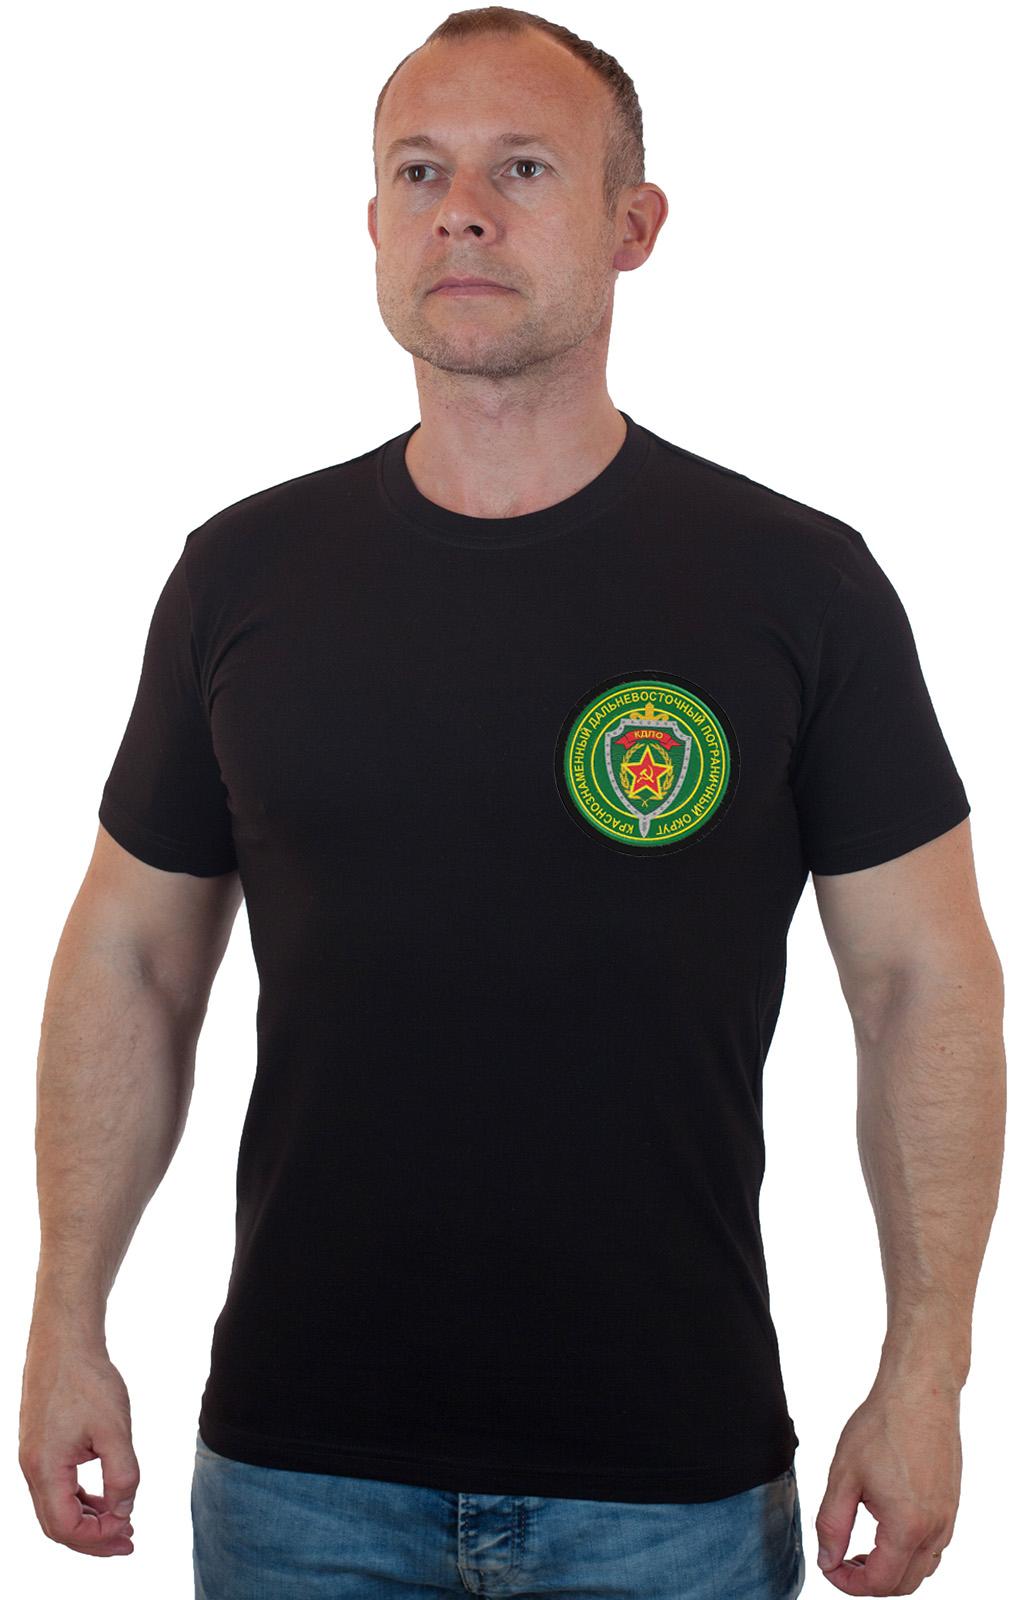 Мужская футболка Краснознаменного Дальневосточного пограничного округа